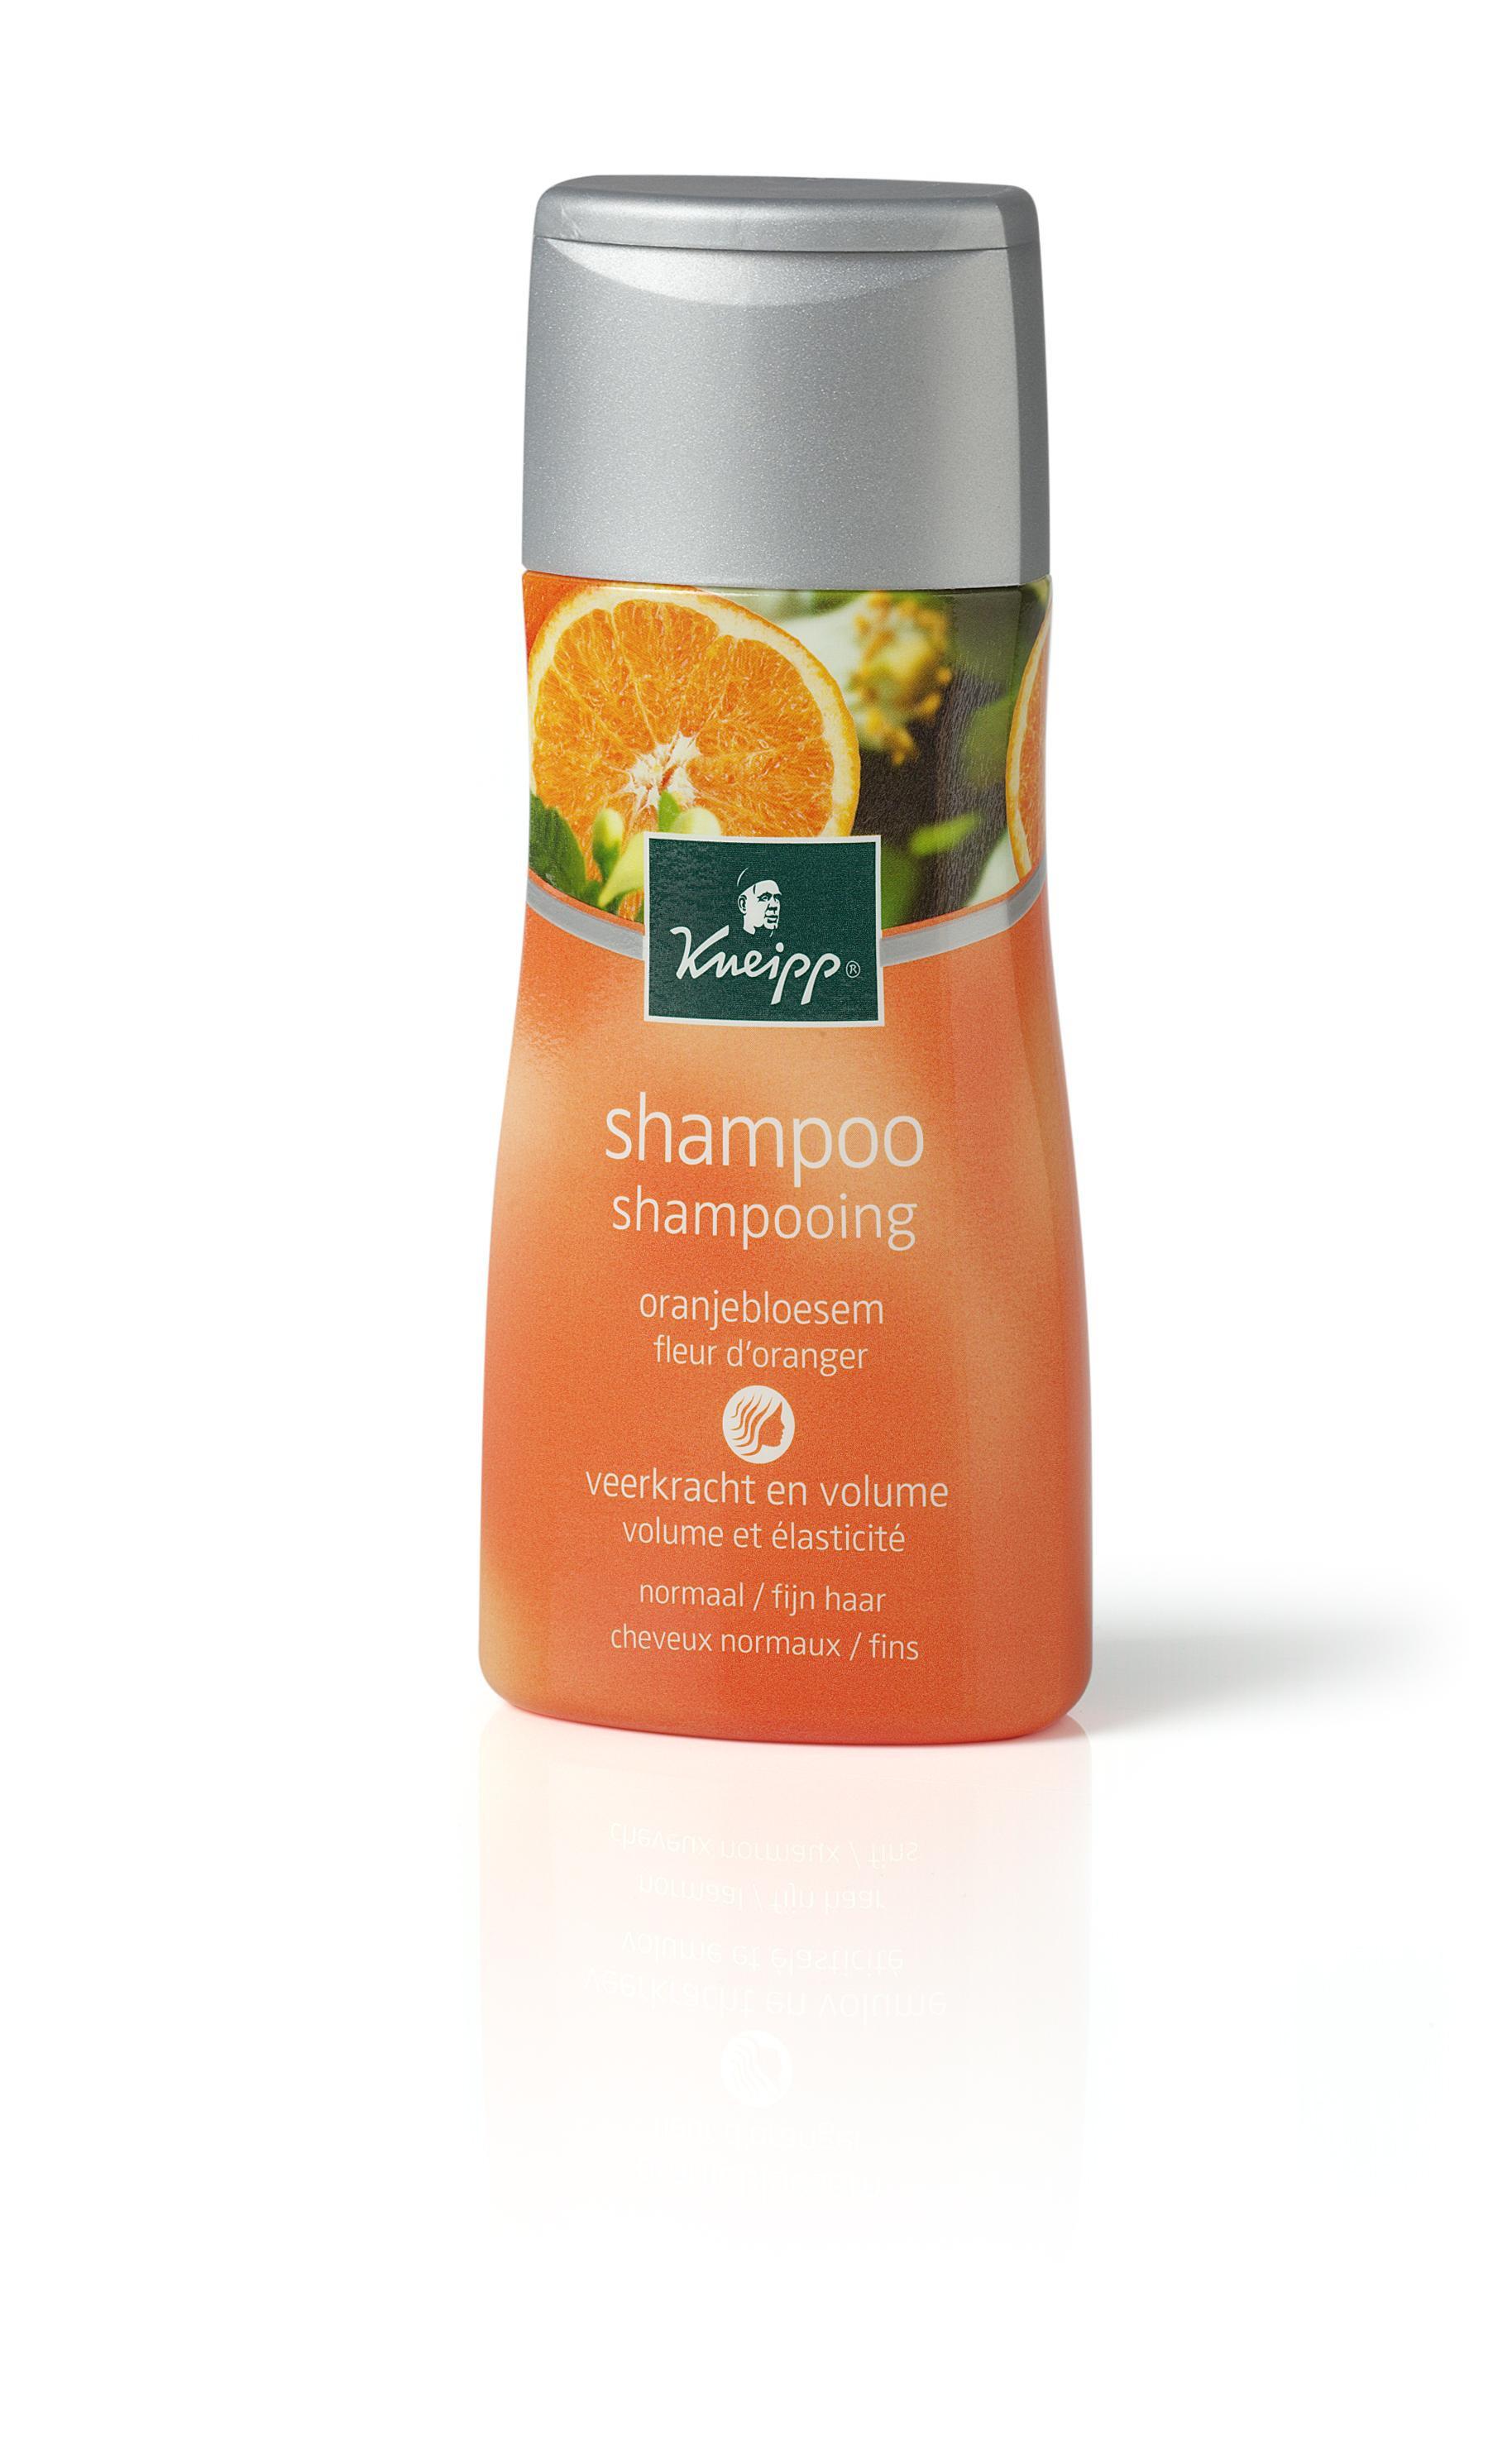 Shampoo Oranjebloesem